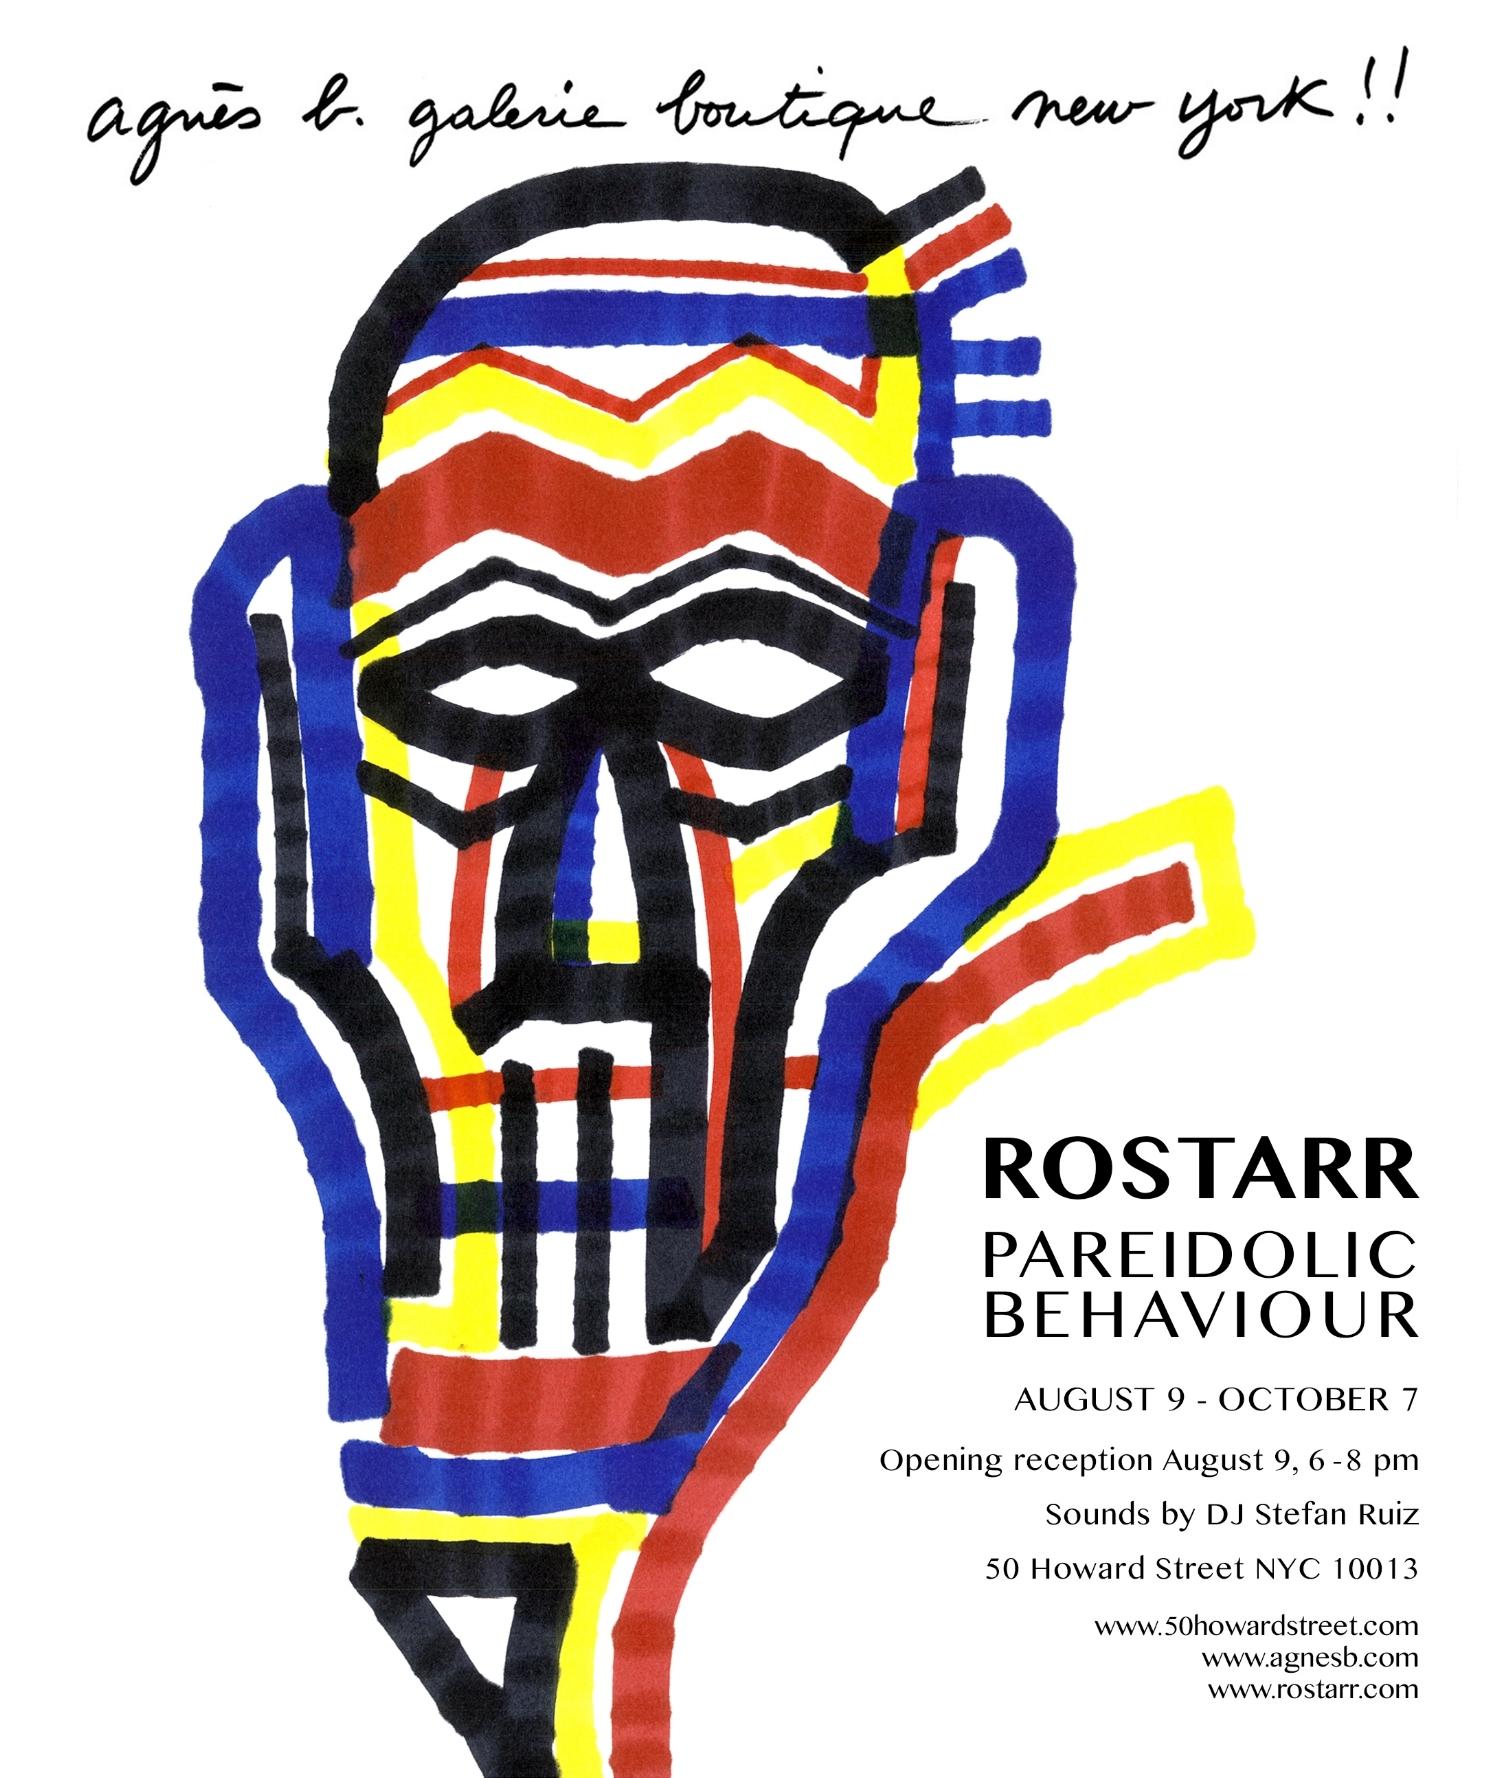 Rostarr_agnes_invite_final_IG_SM_3.jpg